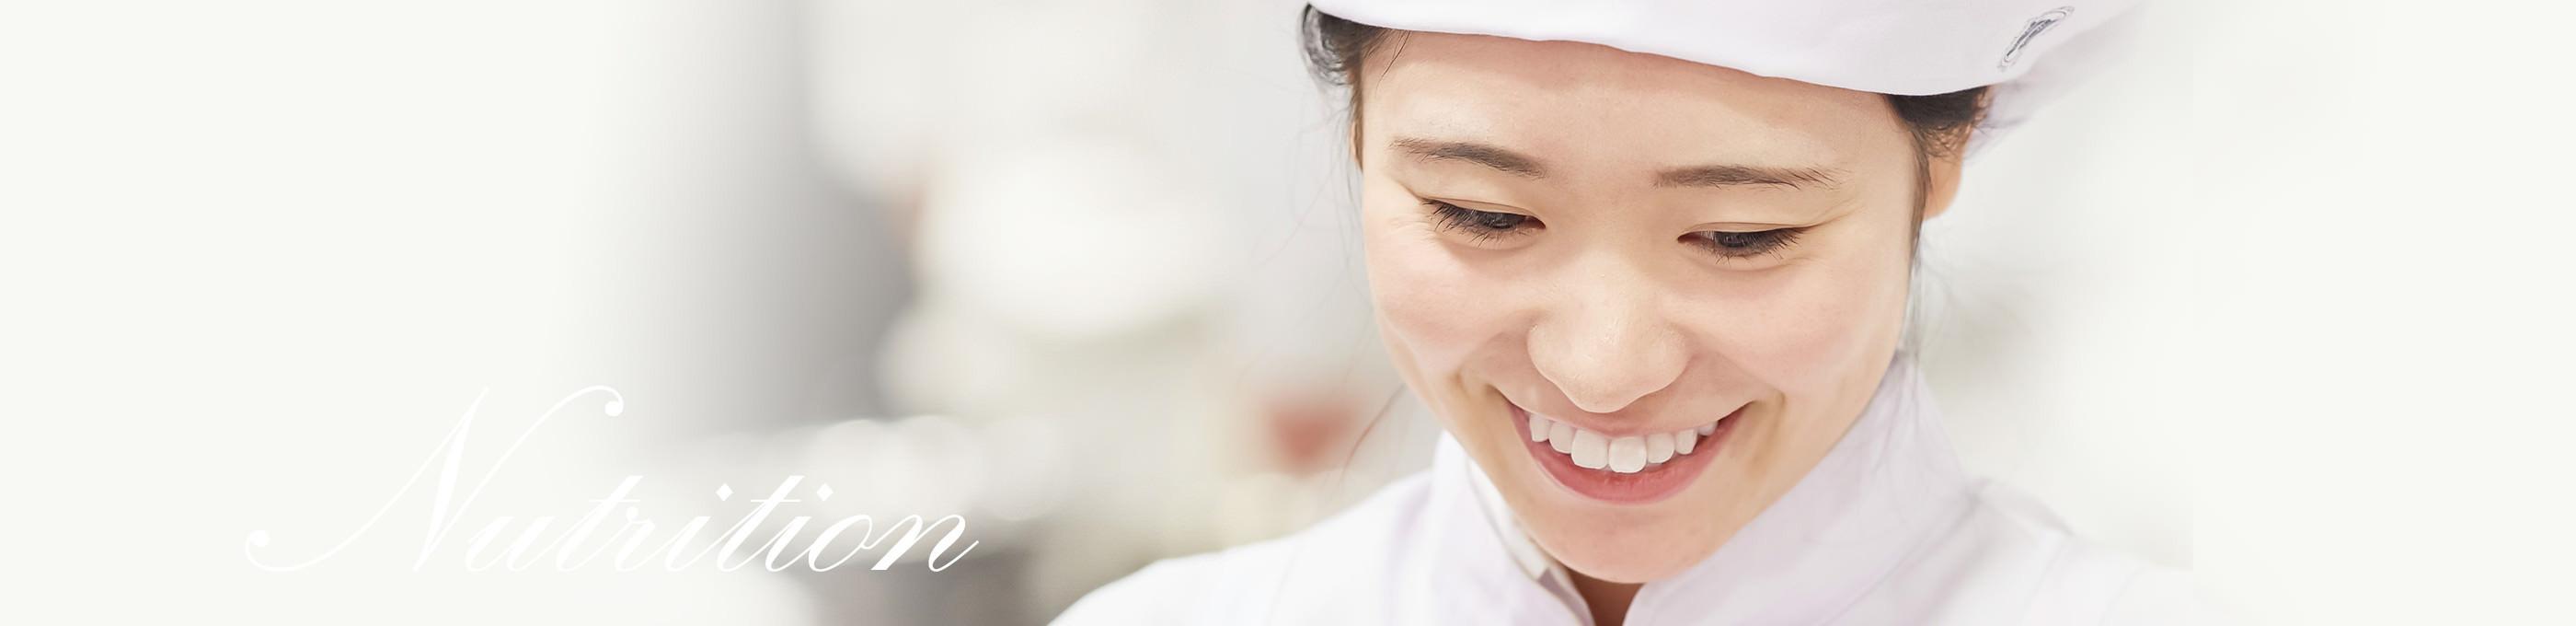 調理ができる栄養士を育てる専門学校